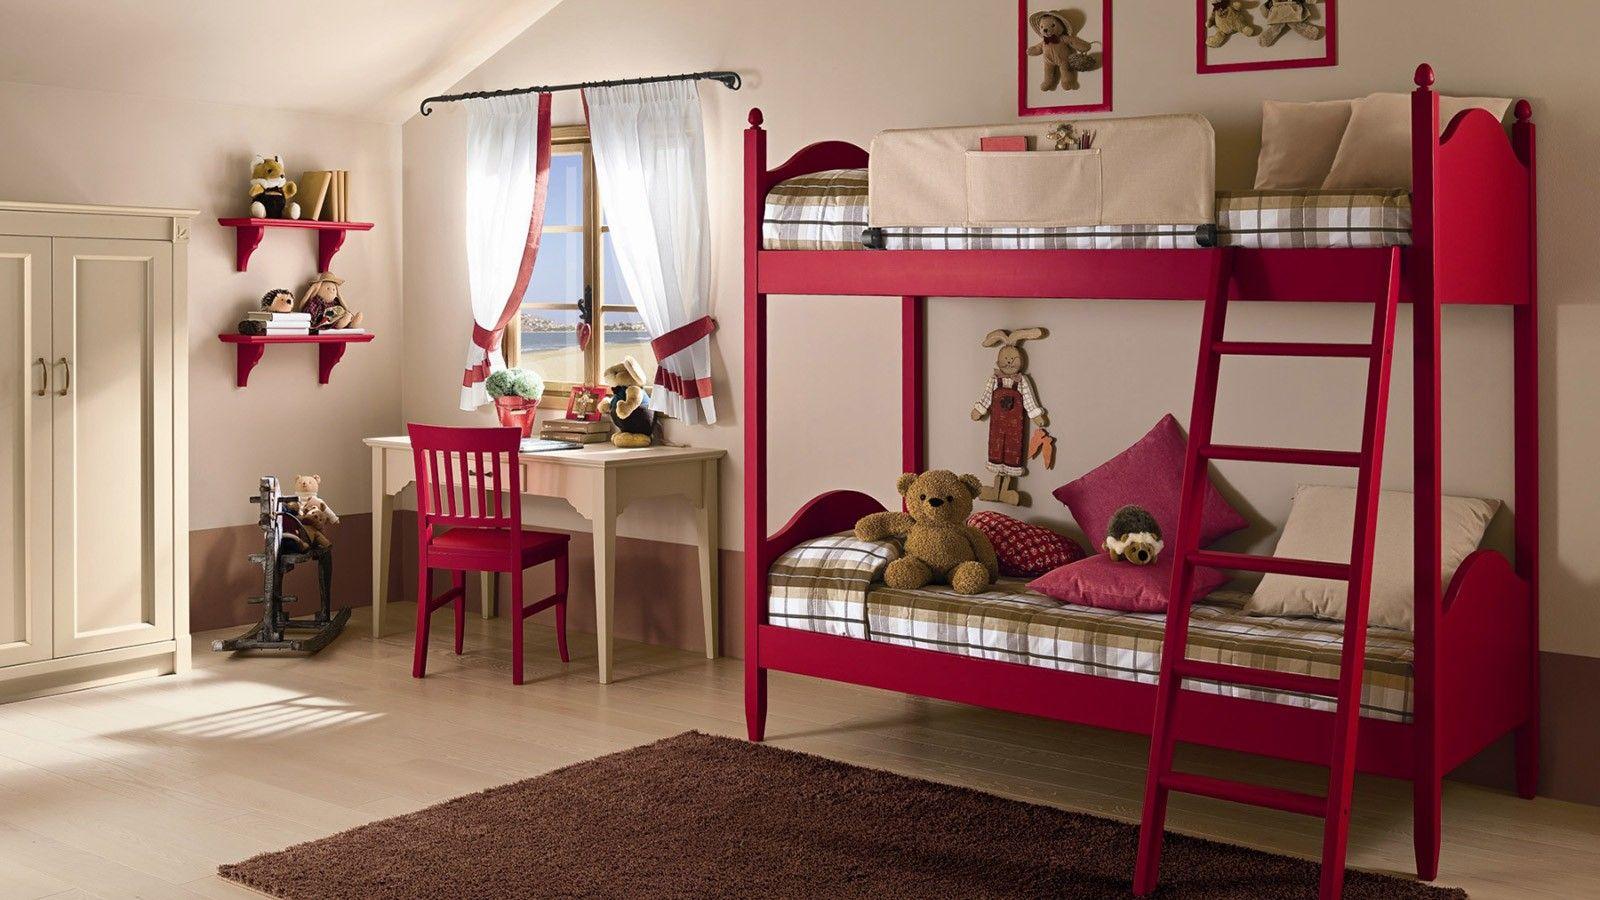 Cameretta con letto a castello callesella sweet interiors pinterest bedroom bunk beds - Cameretta con letto a castello ...